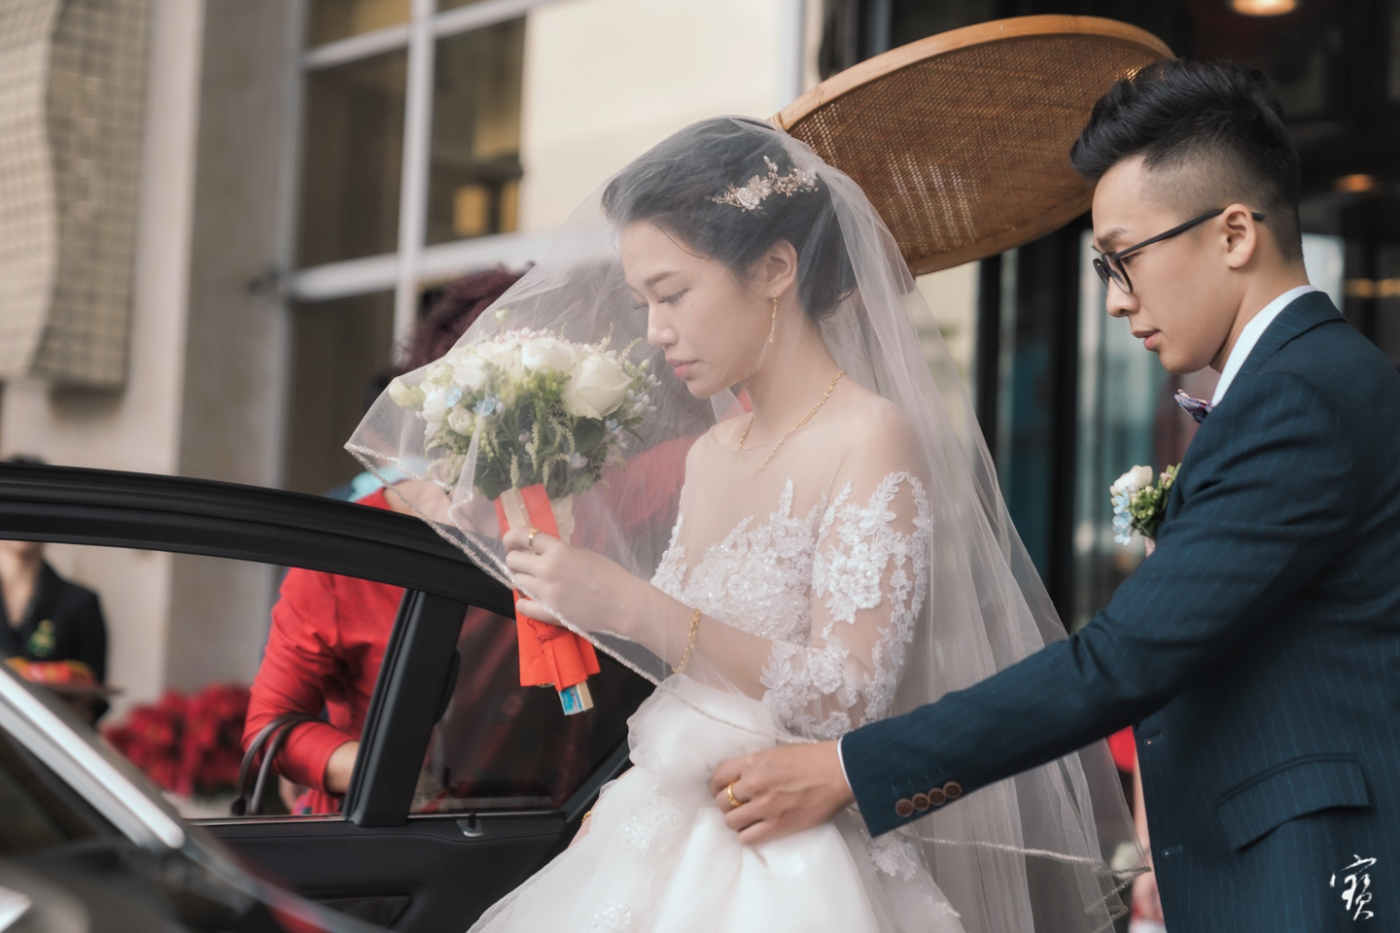 婚禮攝影 婚紗 大直 典華 冬半影像 攝影師大寶 北部攝影 台北攝影 桃園攝影 新竹攝影20181208-217